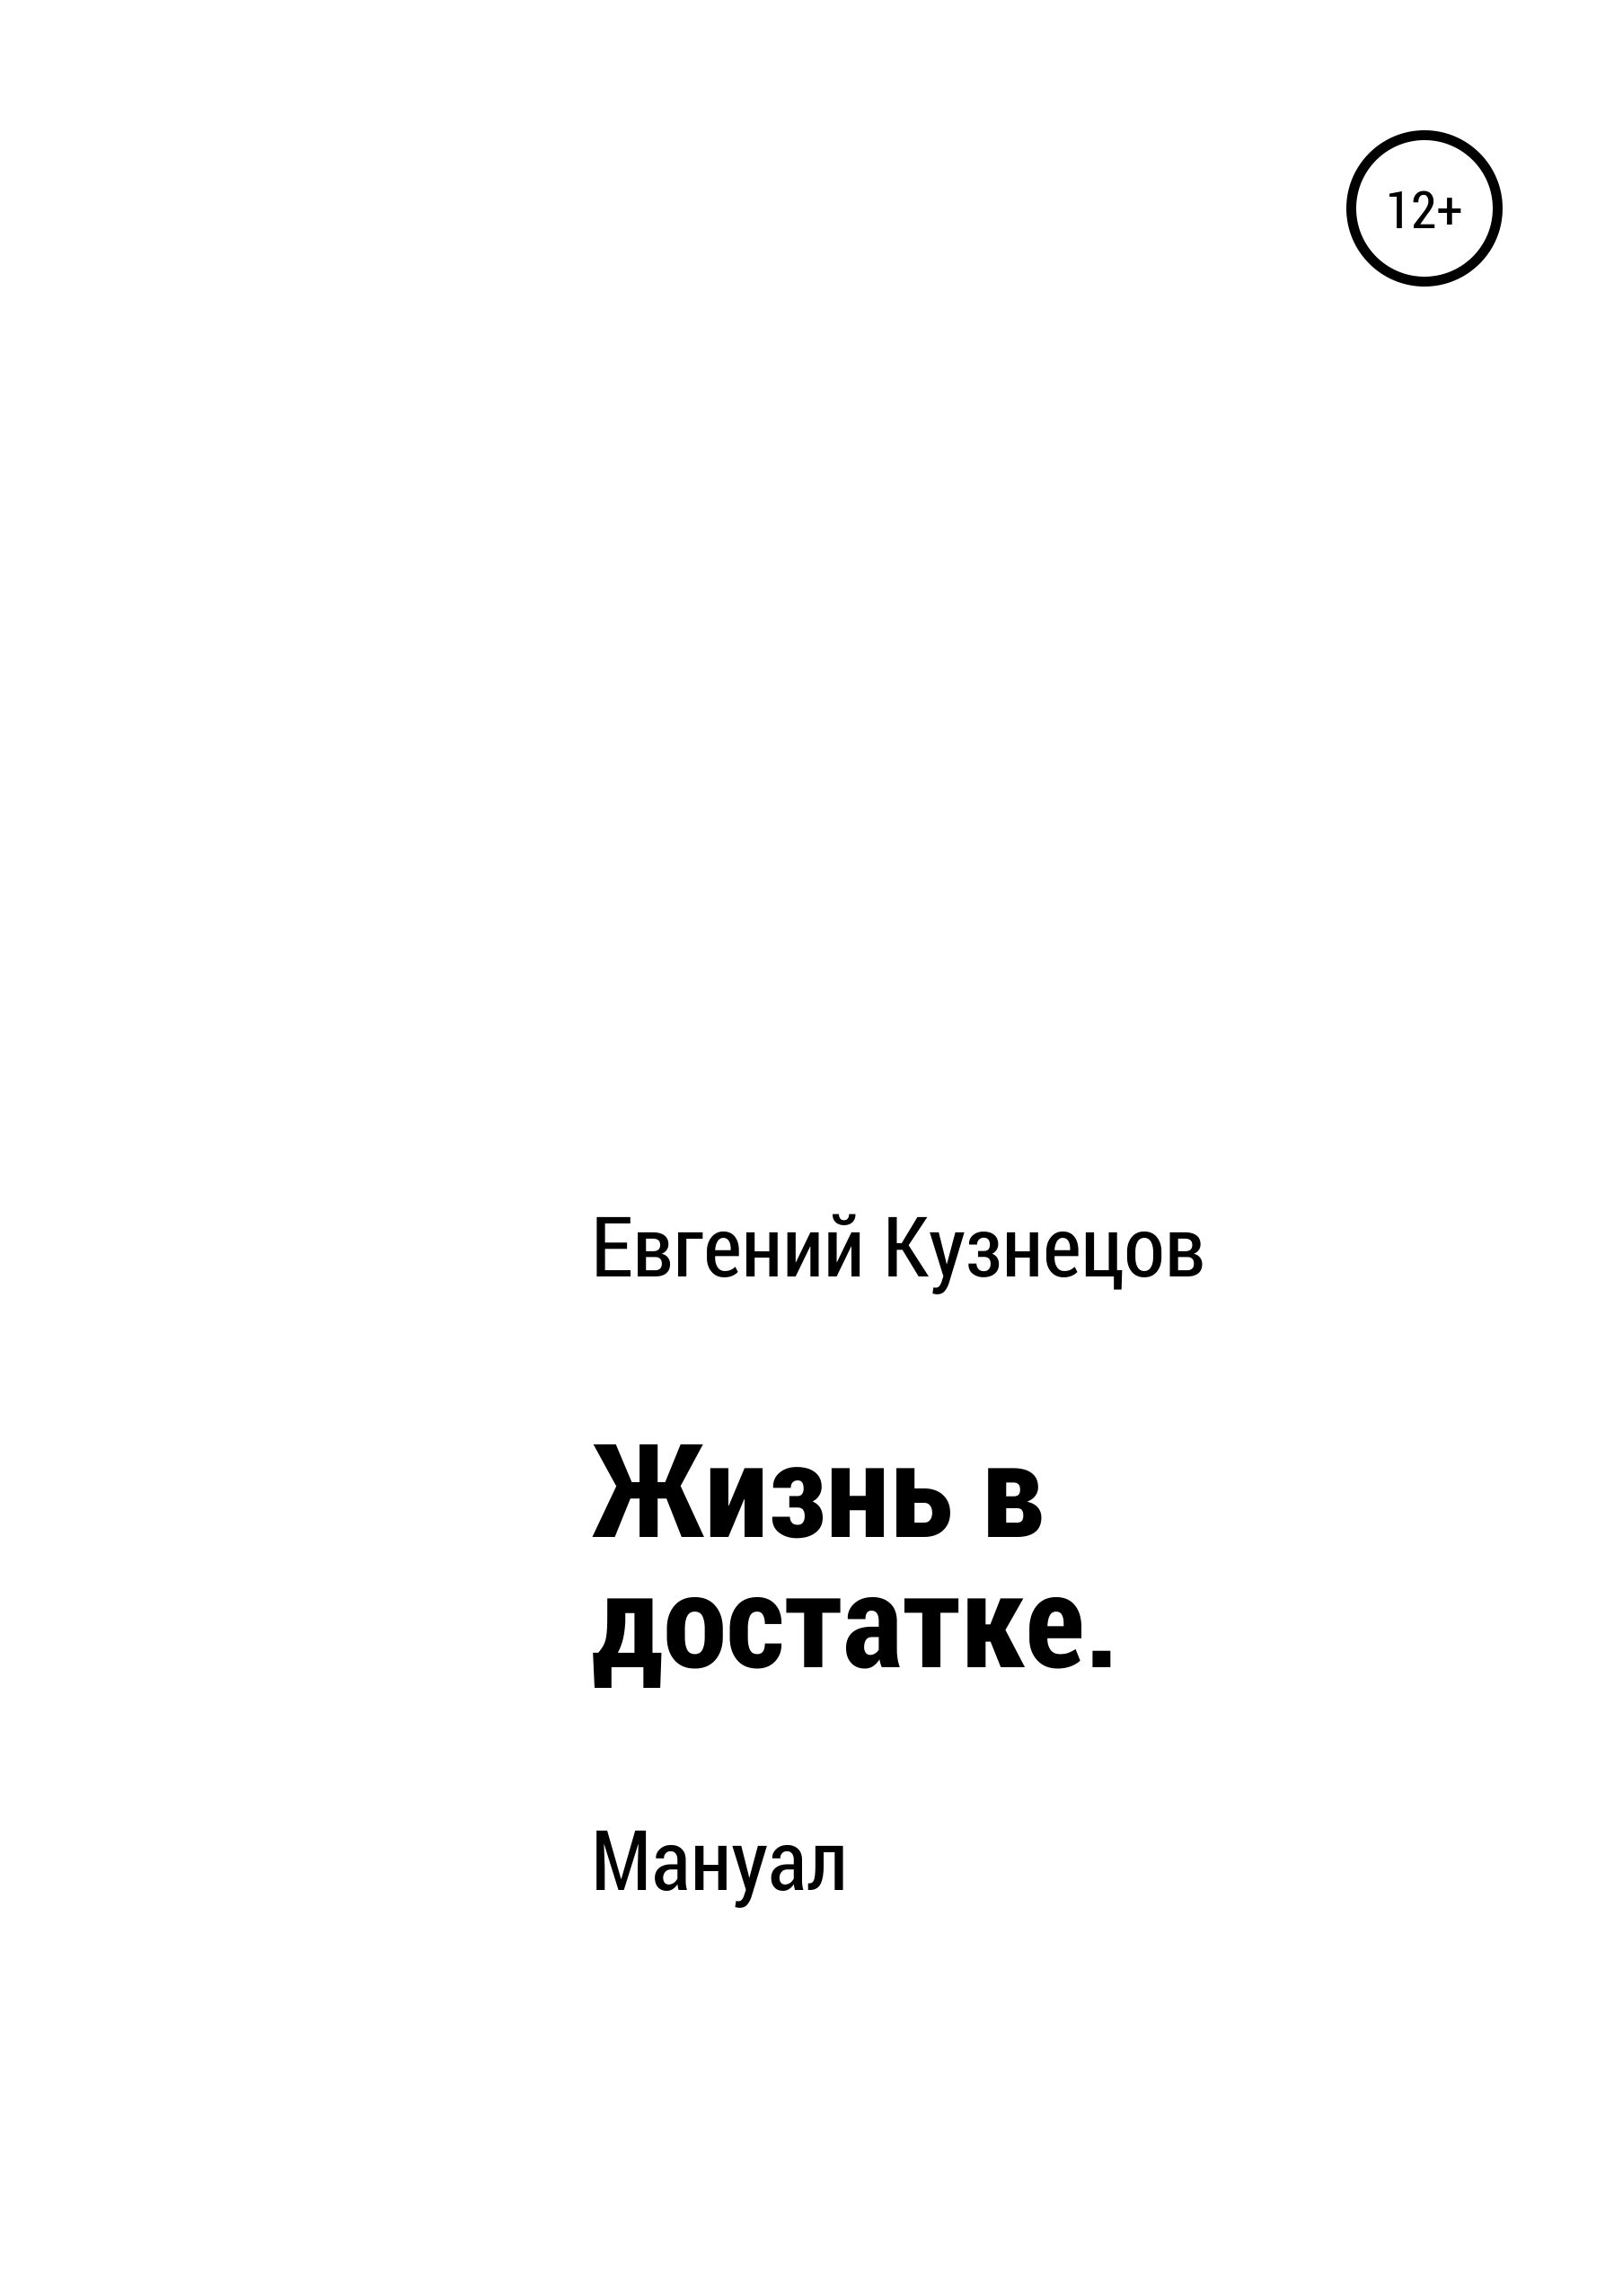 Евгений Кузнецов - Жизнь в достатке. Мануал